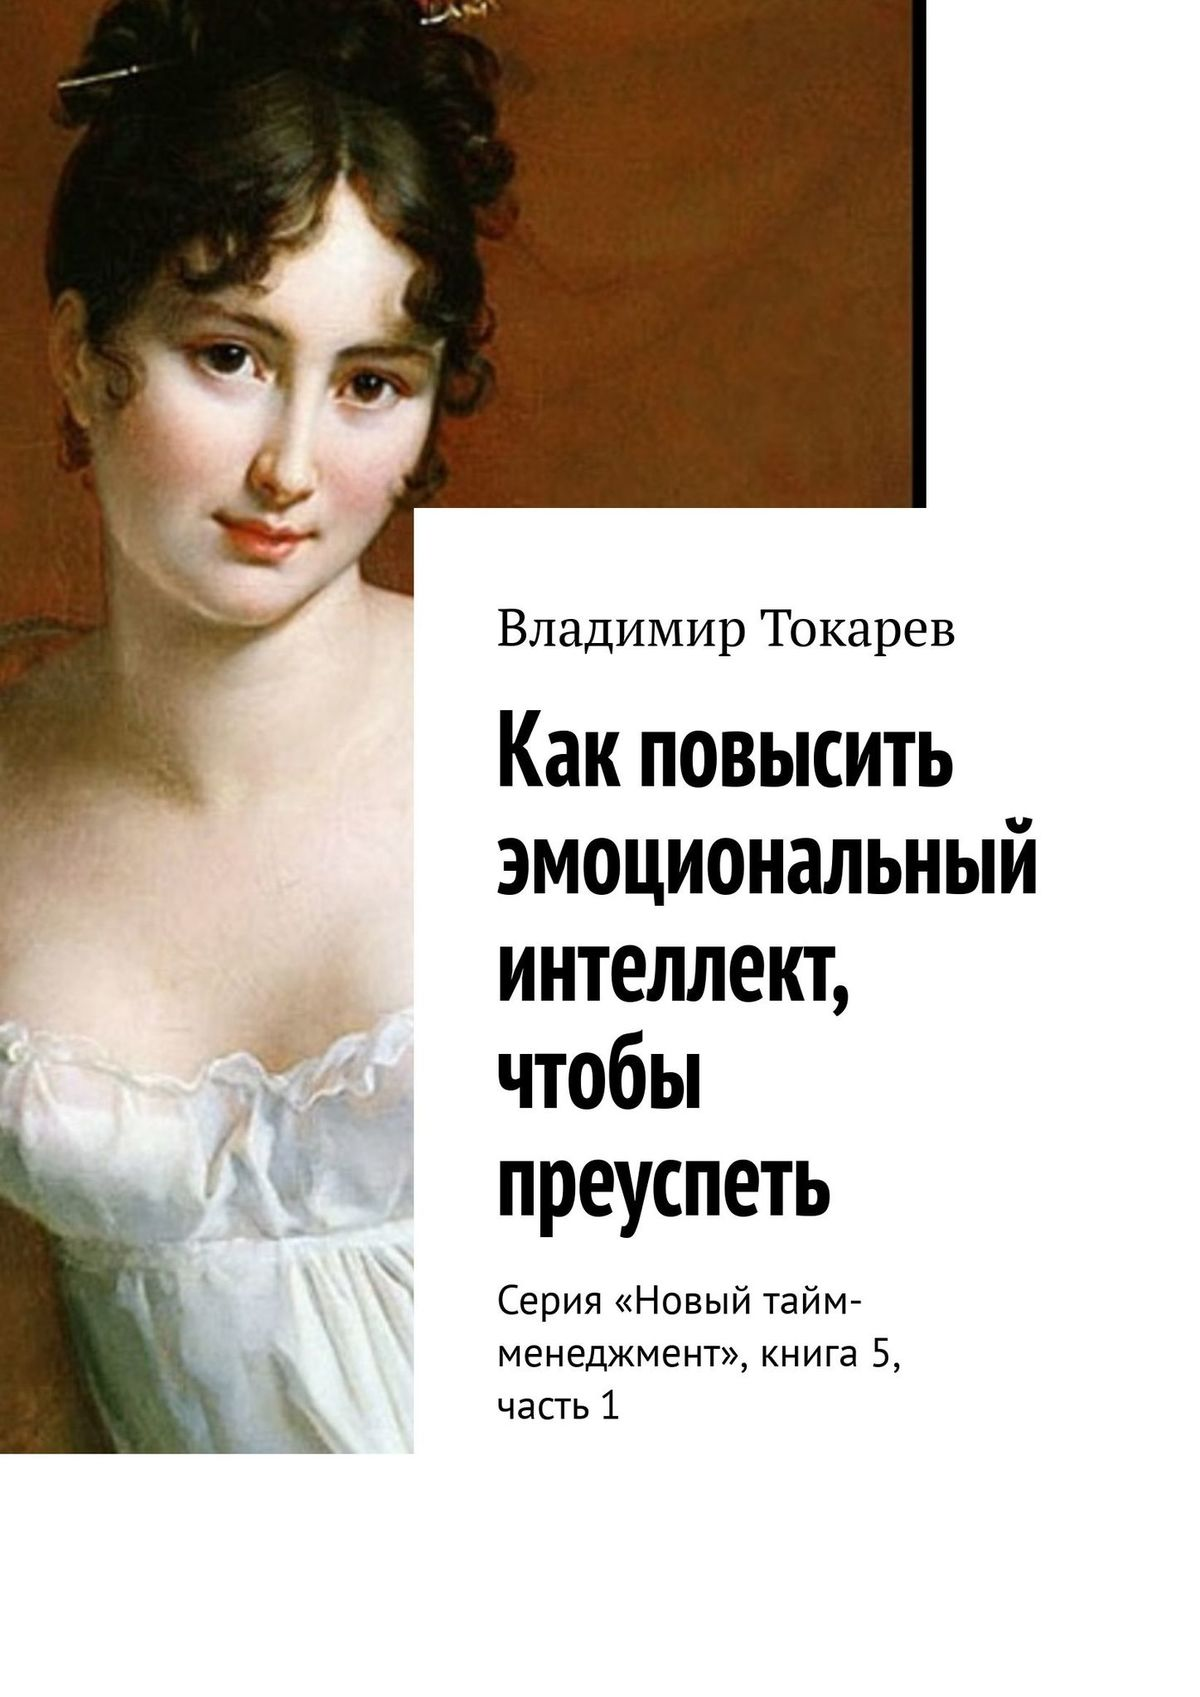 Владимир Токарев Менеджмент эмоций против эмоционального интеллекта. Часть 1